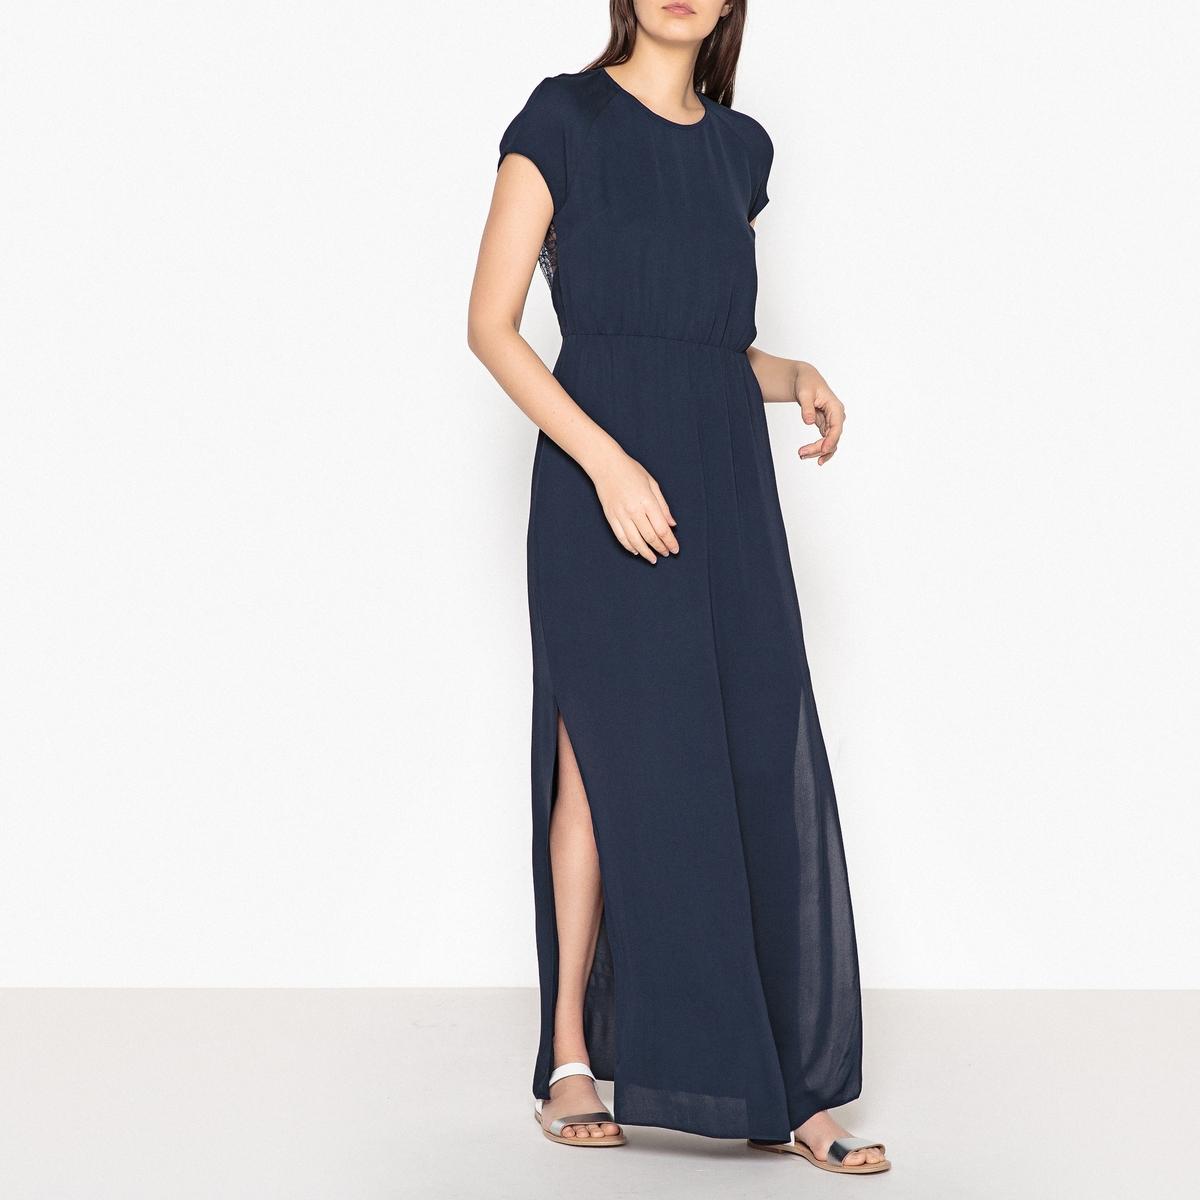 Платье коктейльное длинное с кружевной спинкой REYA коктейльное платье с драпировкой bebe платья и сарафаны коктейльные